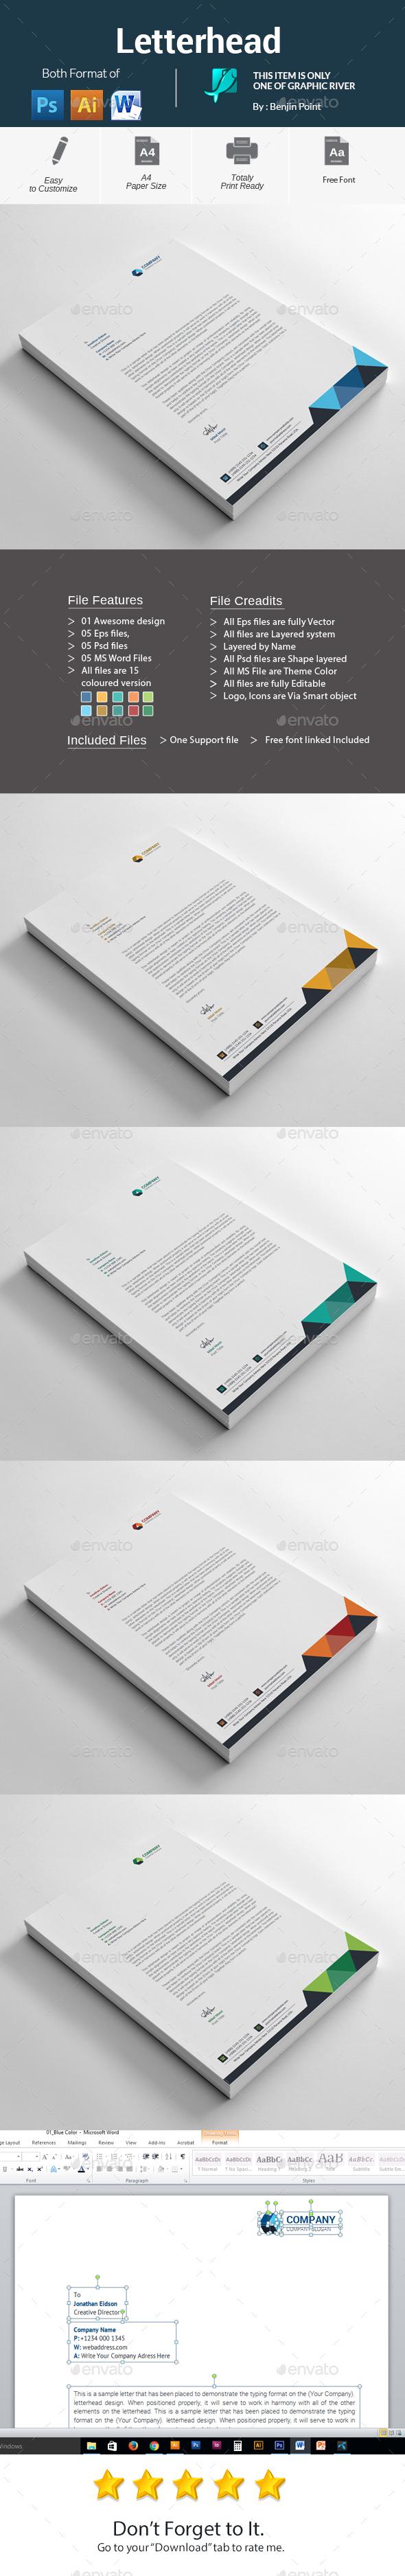 GraphicRiver Letterhead 20946856